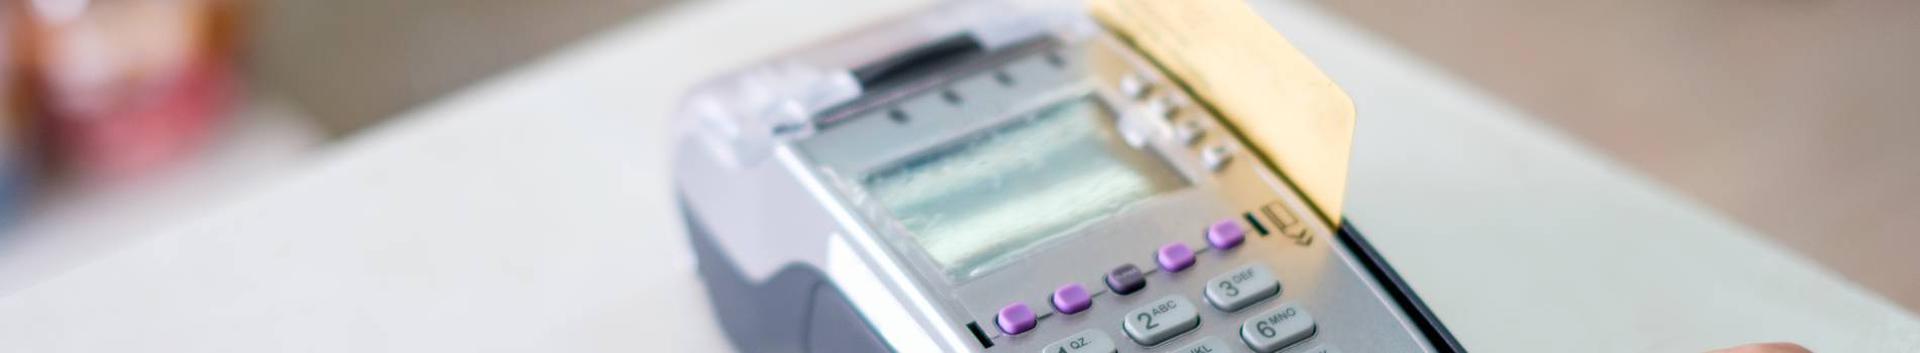 6619_finantsteenuste-abitegevused_58804891_xl.jpg